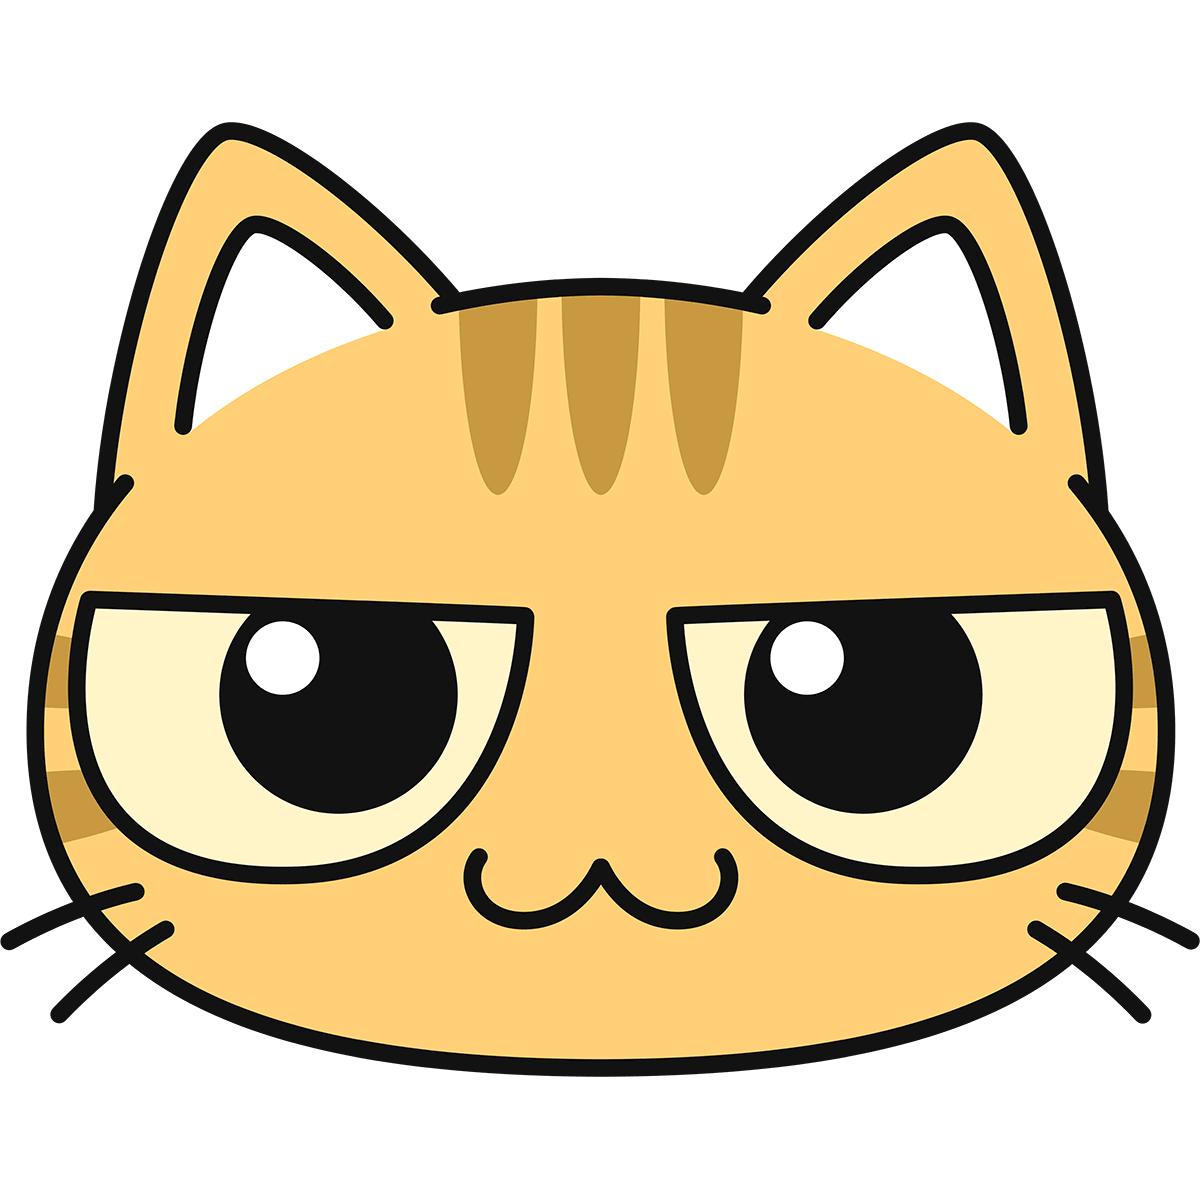 茶トラ猫の顔の無料イラスト